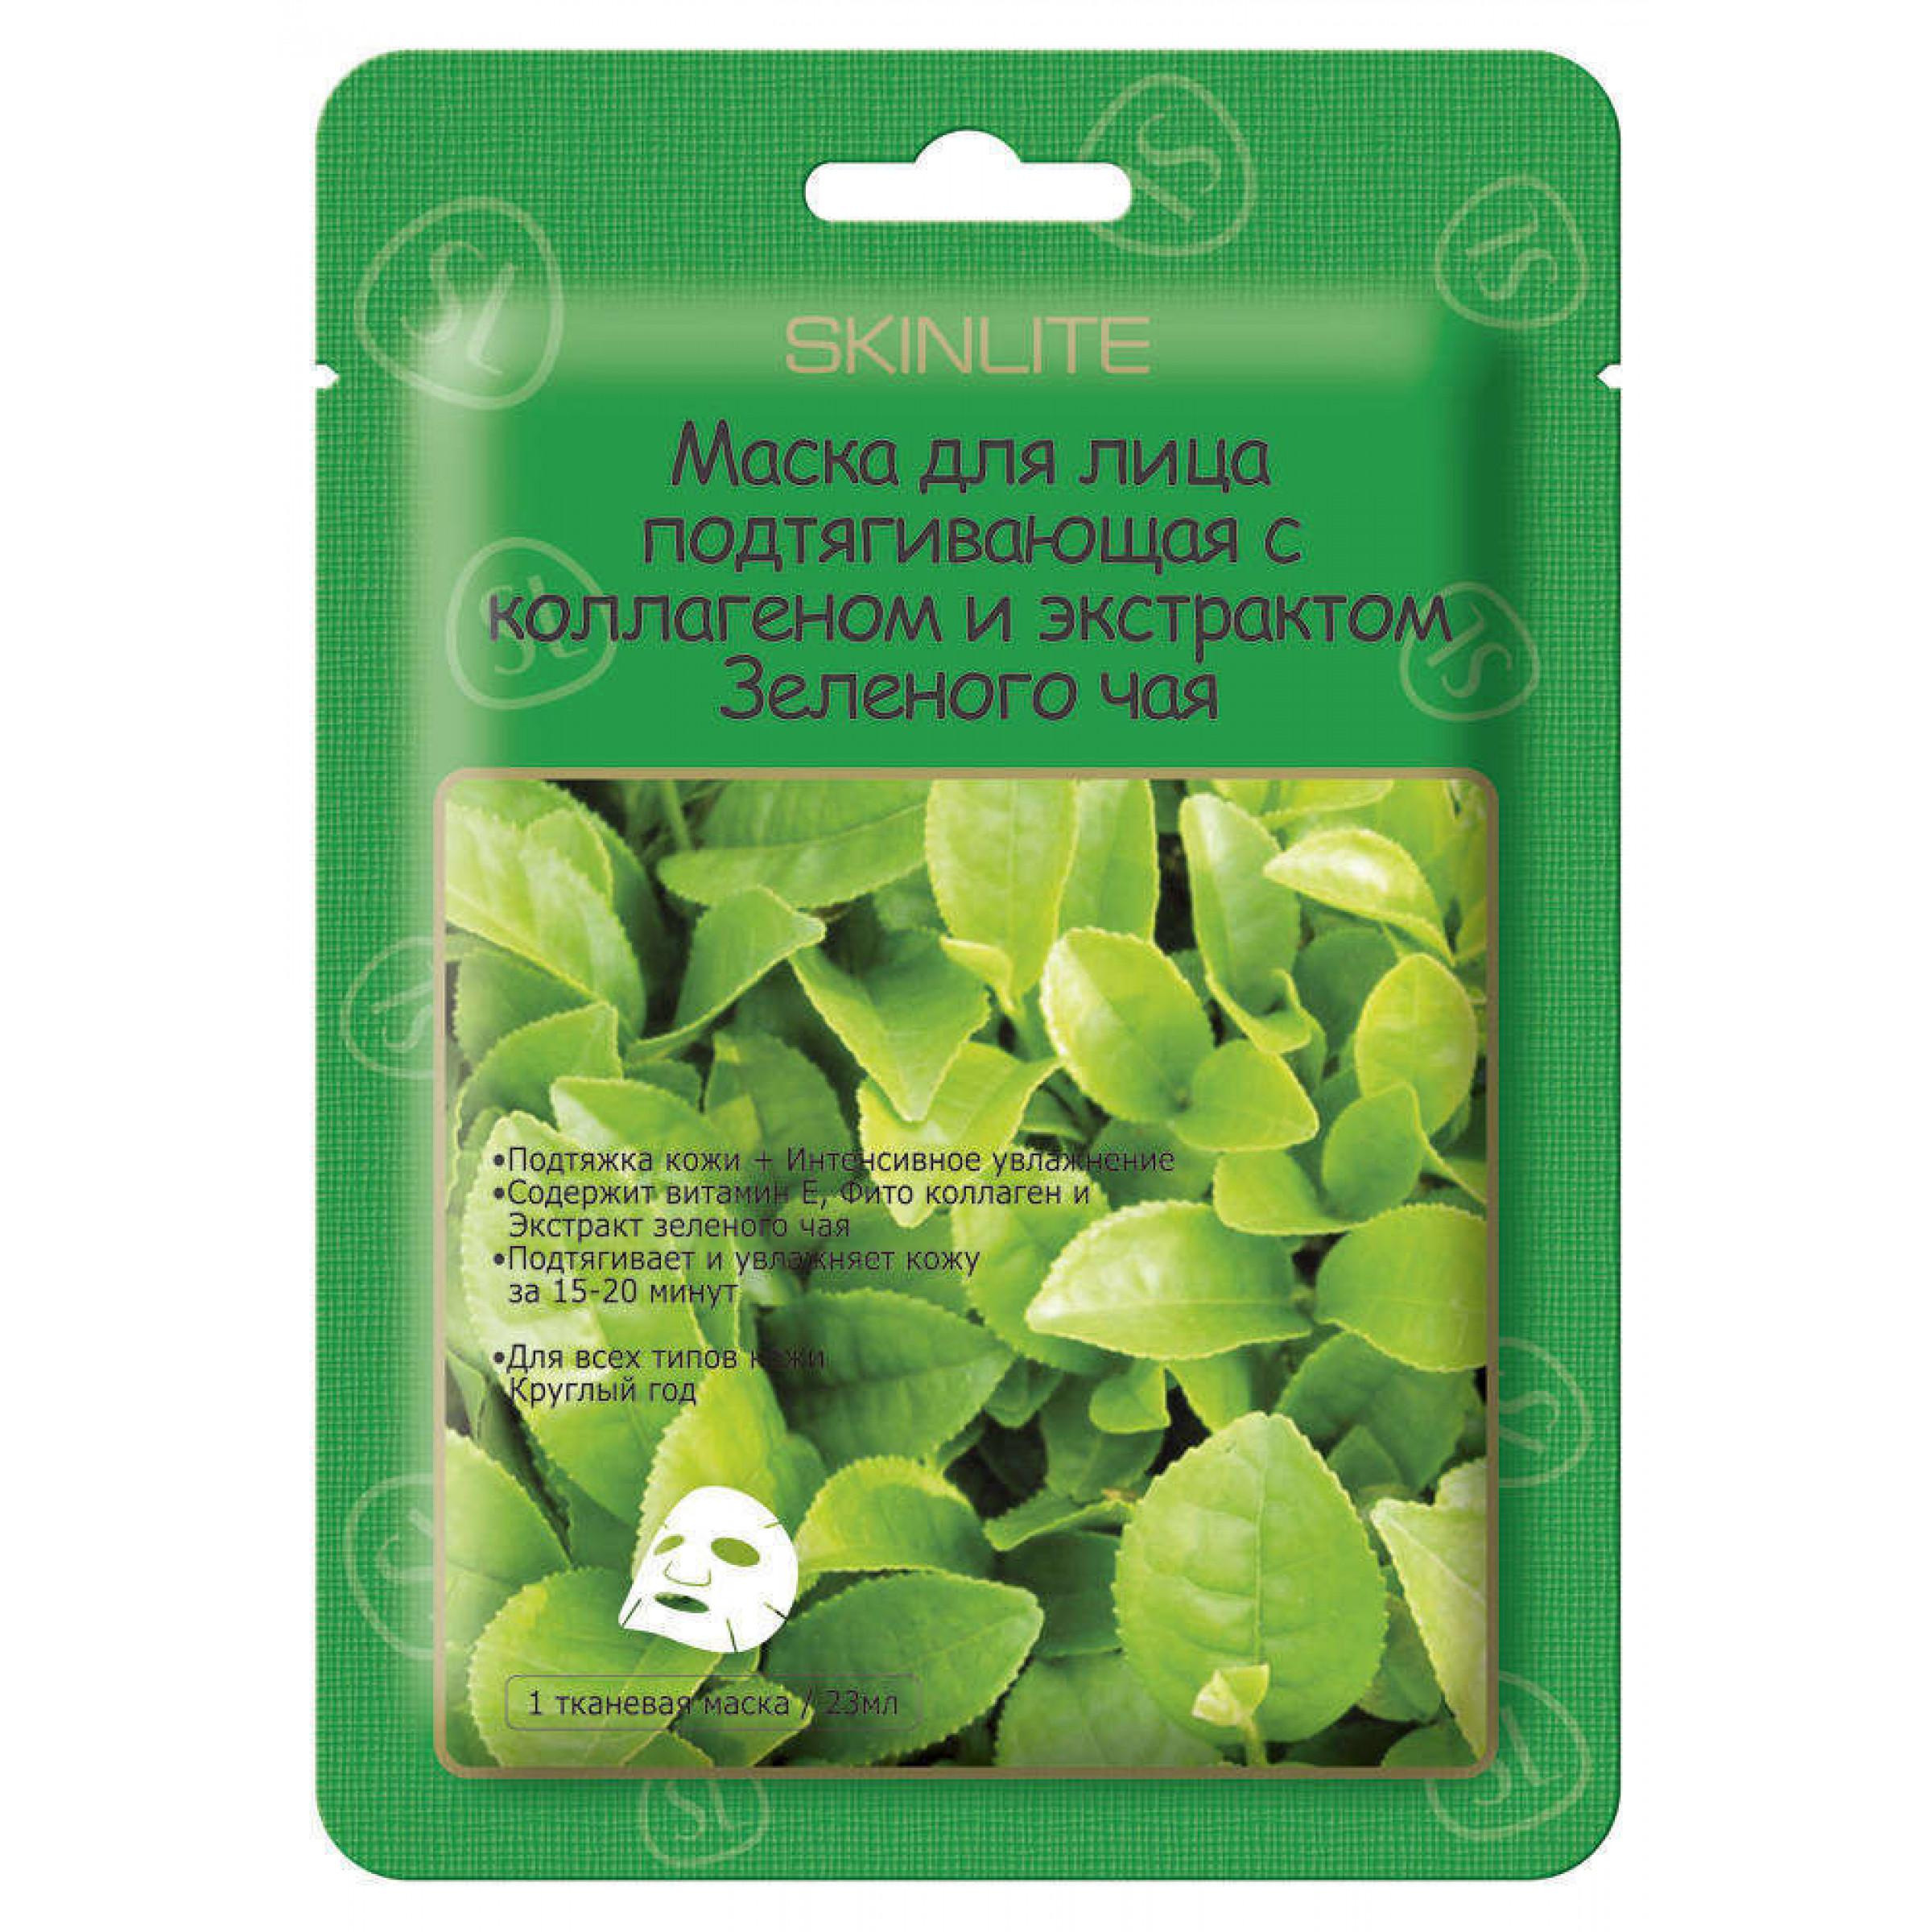 Маска для лица Skinlite тканевая подтягивающая с экстрактом зеленого чая, 23 мл